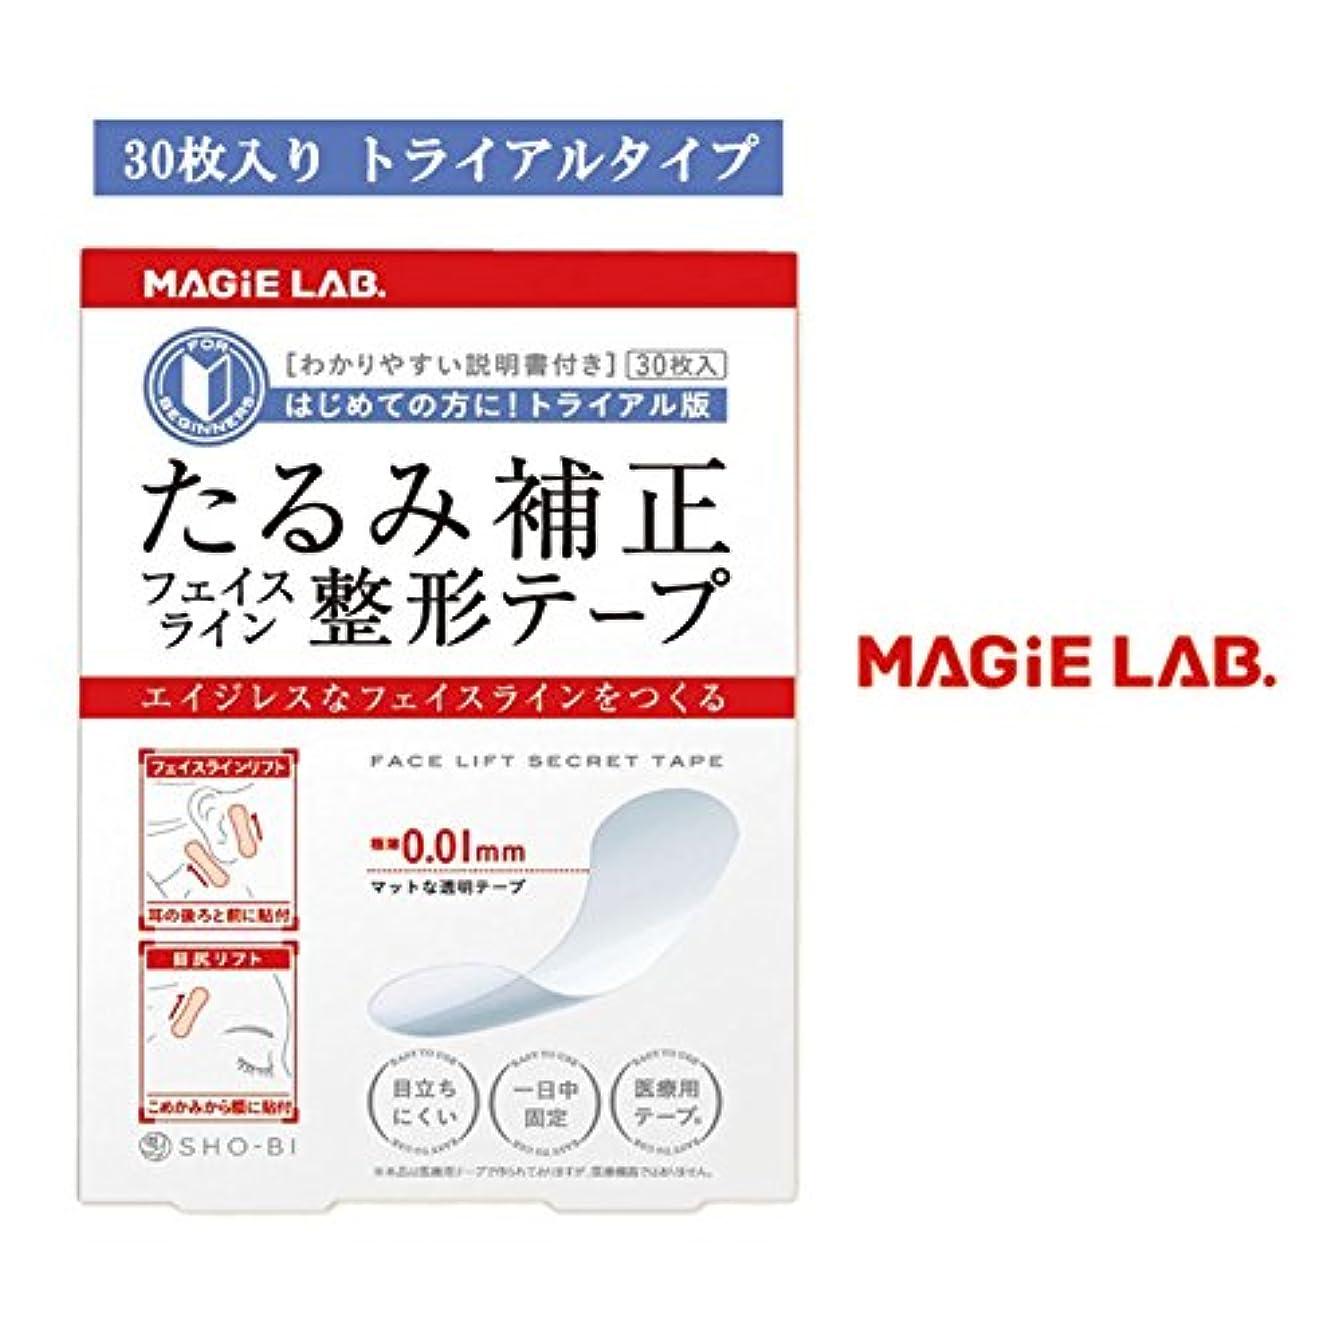 整形テープ トライアル MG22106